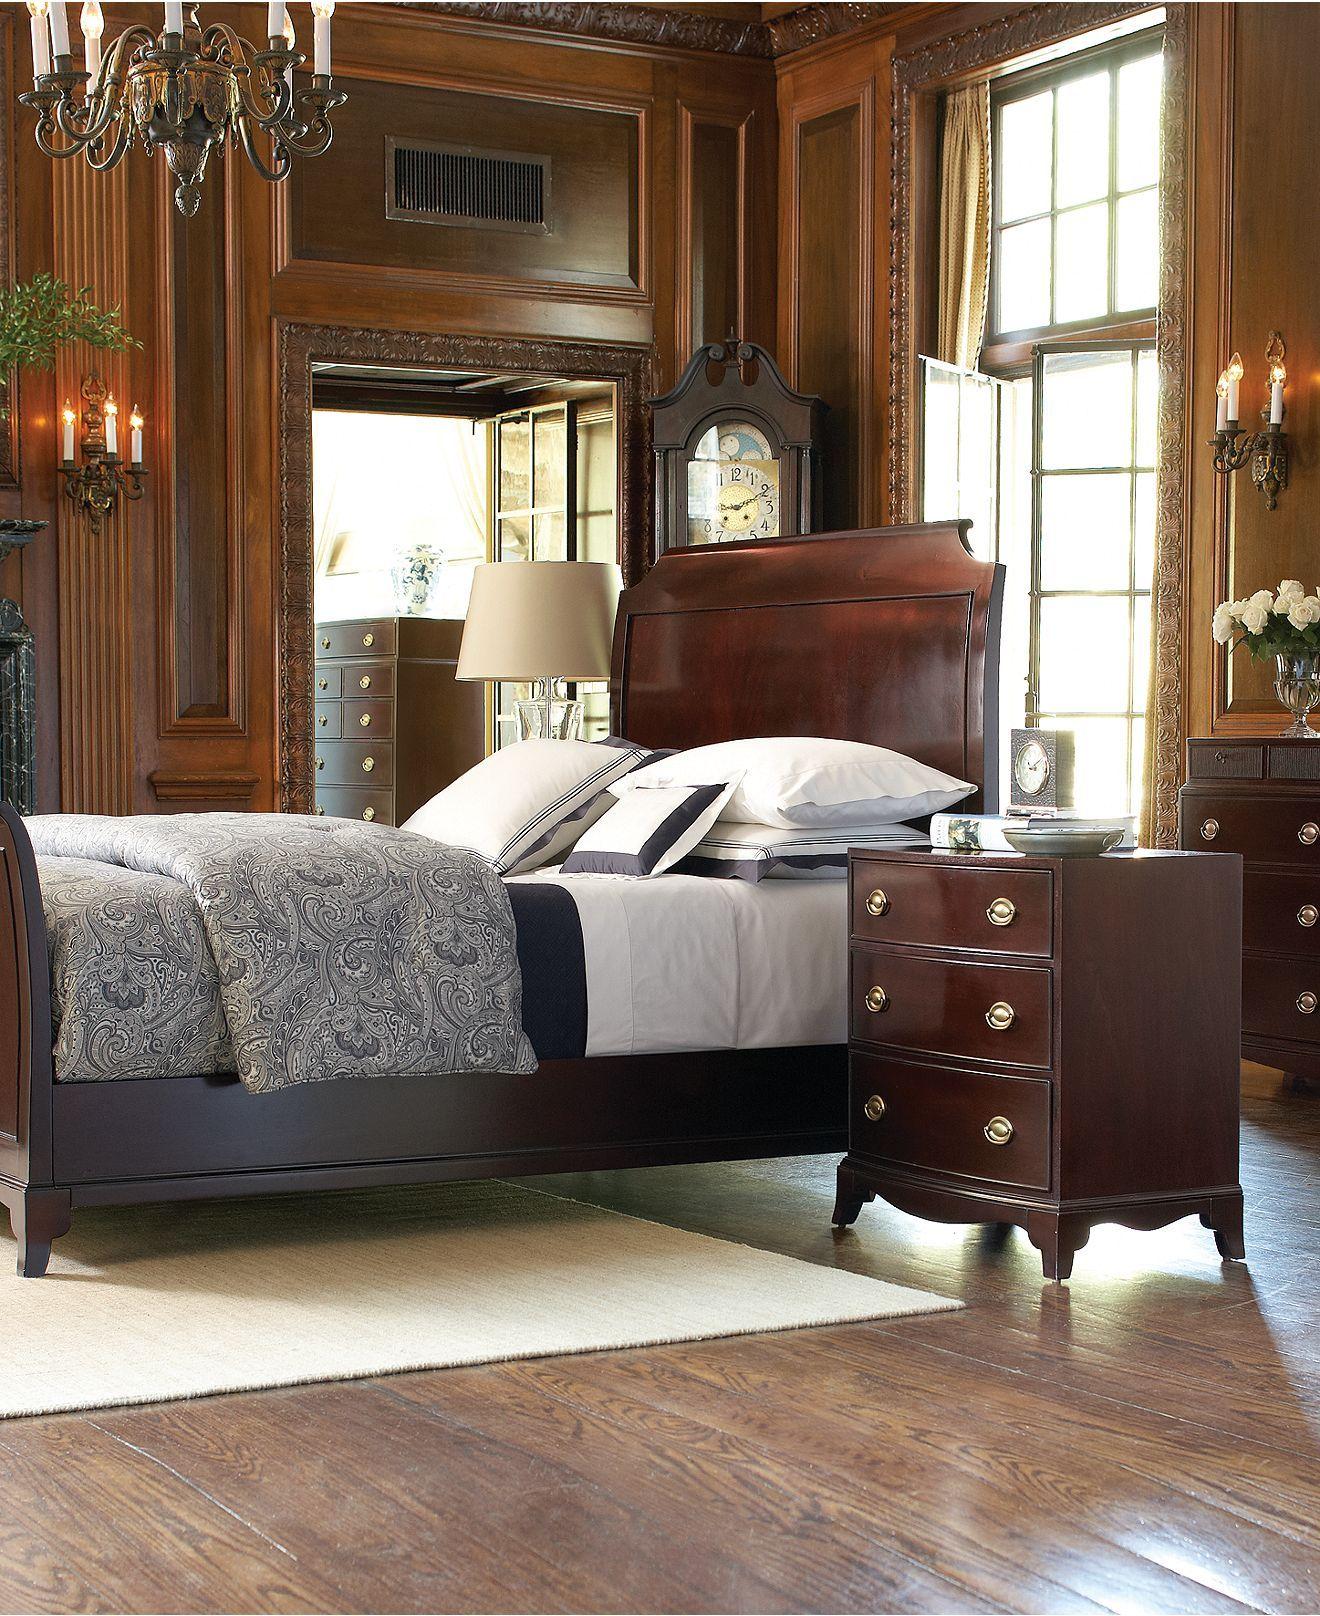 Lauren Ralph Lauren Bedroom Collection, Mitchell Place